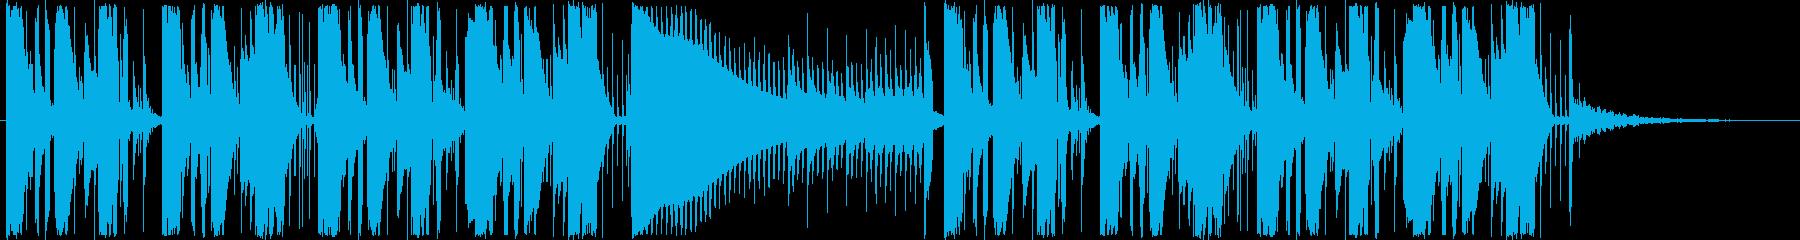 ジングル - トライアングルEDMの再生済みの波形